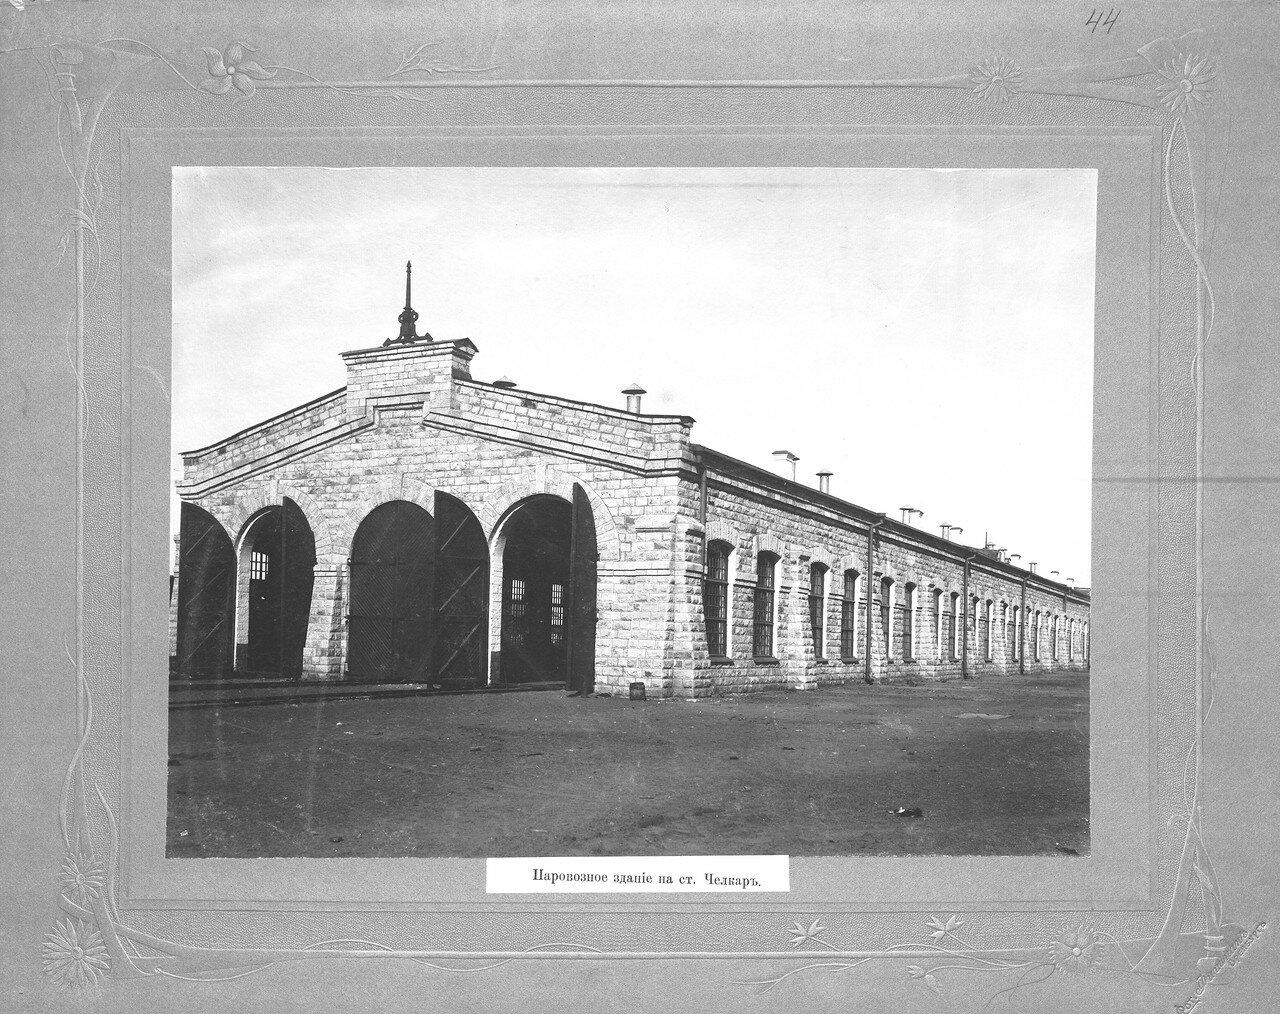 25. Паровозное здание на ст. Челкар